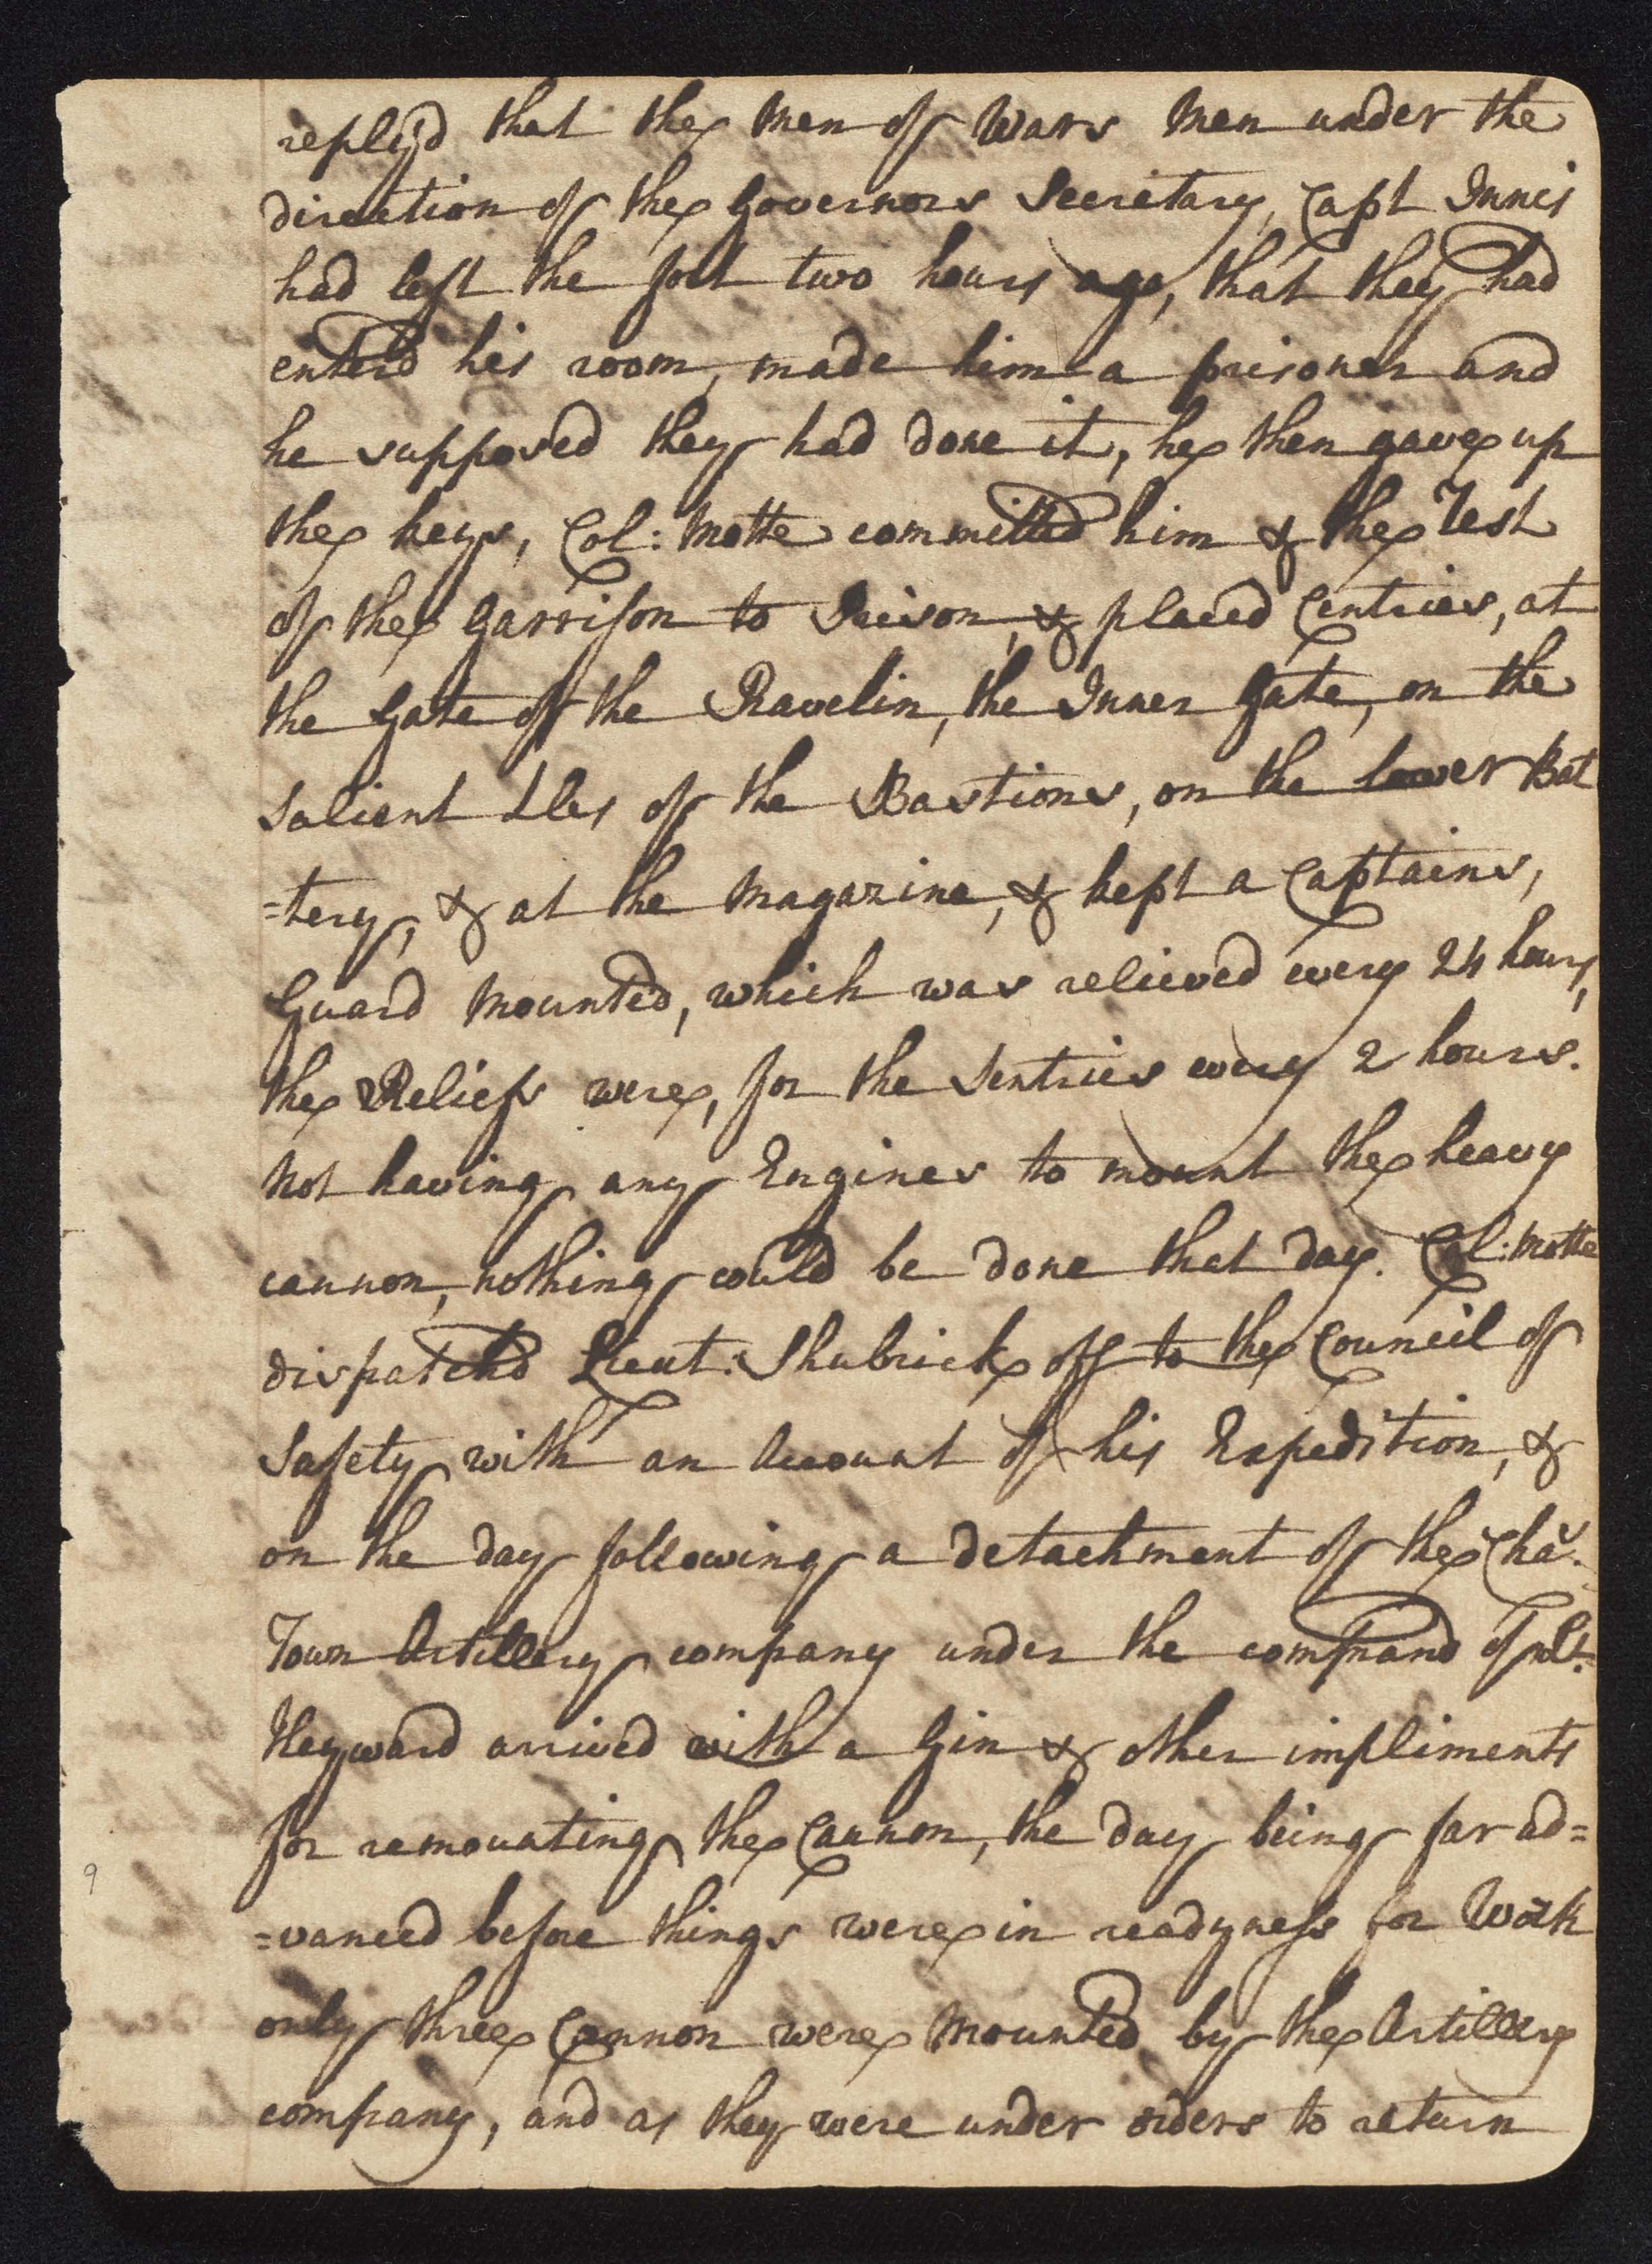 South Carolina Regiment Order Book, Page 17